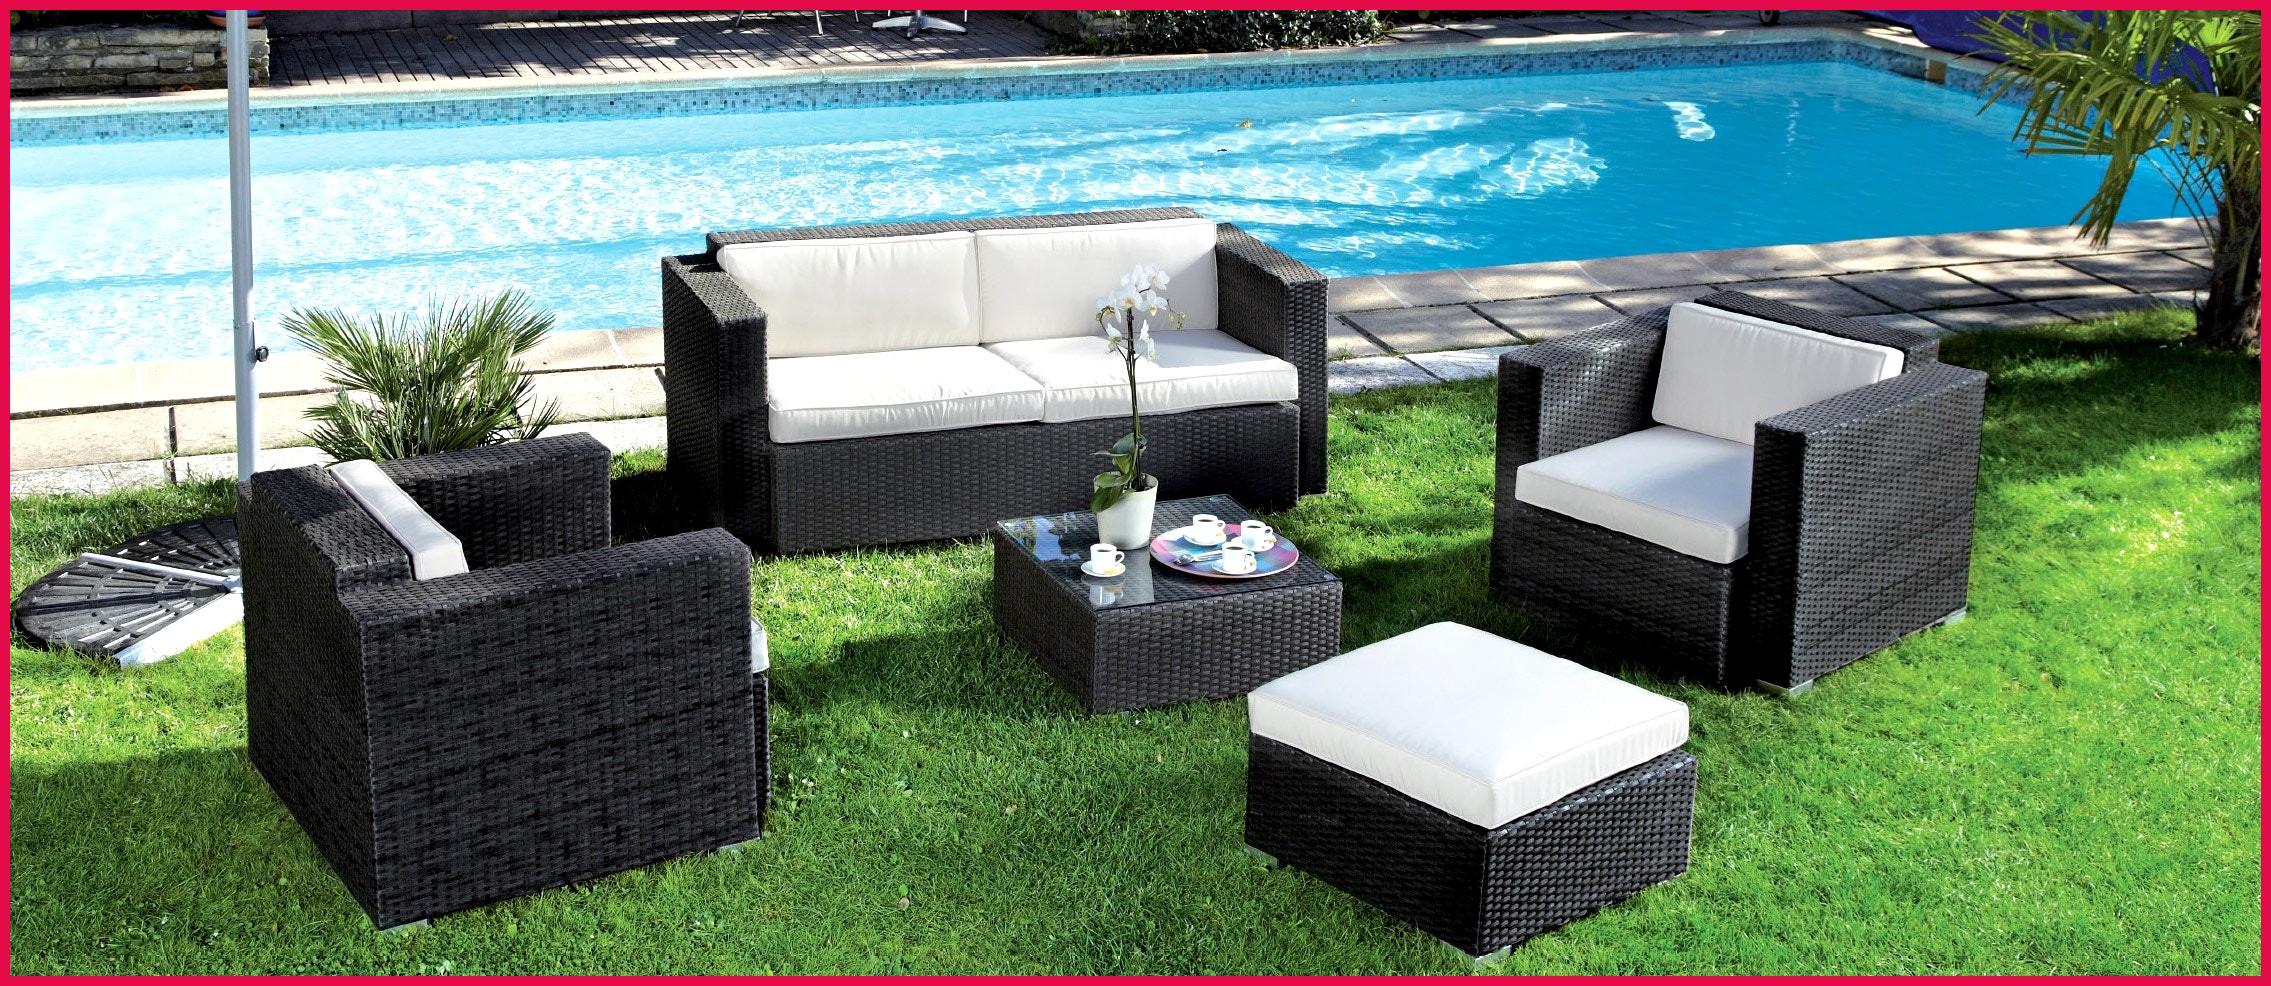 Hyper U Coffre De Rangement | Venus Et Judes encequiconcerne Salon De Jardin Super U